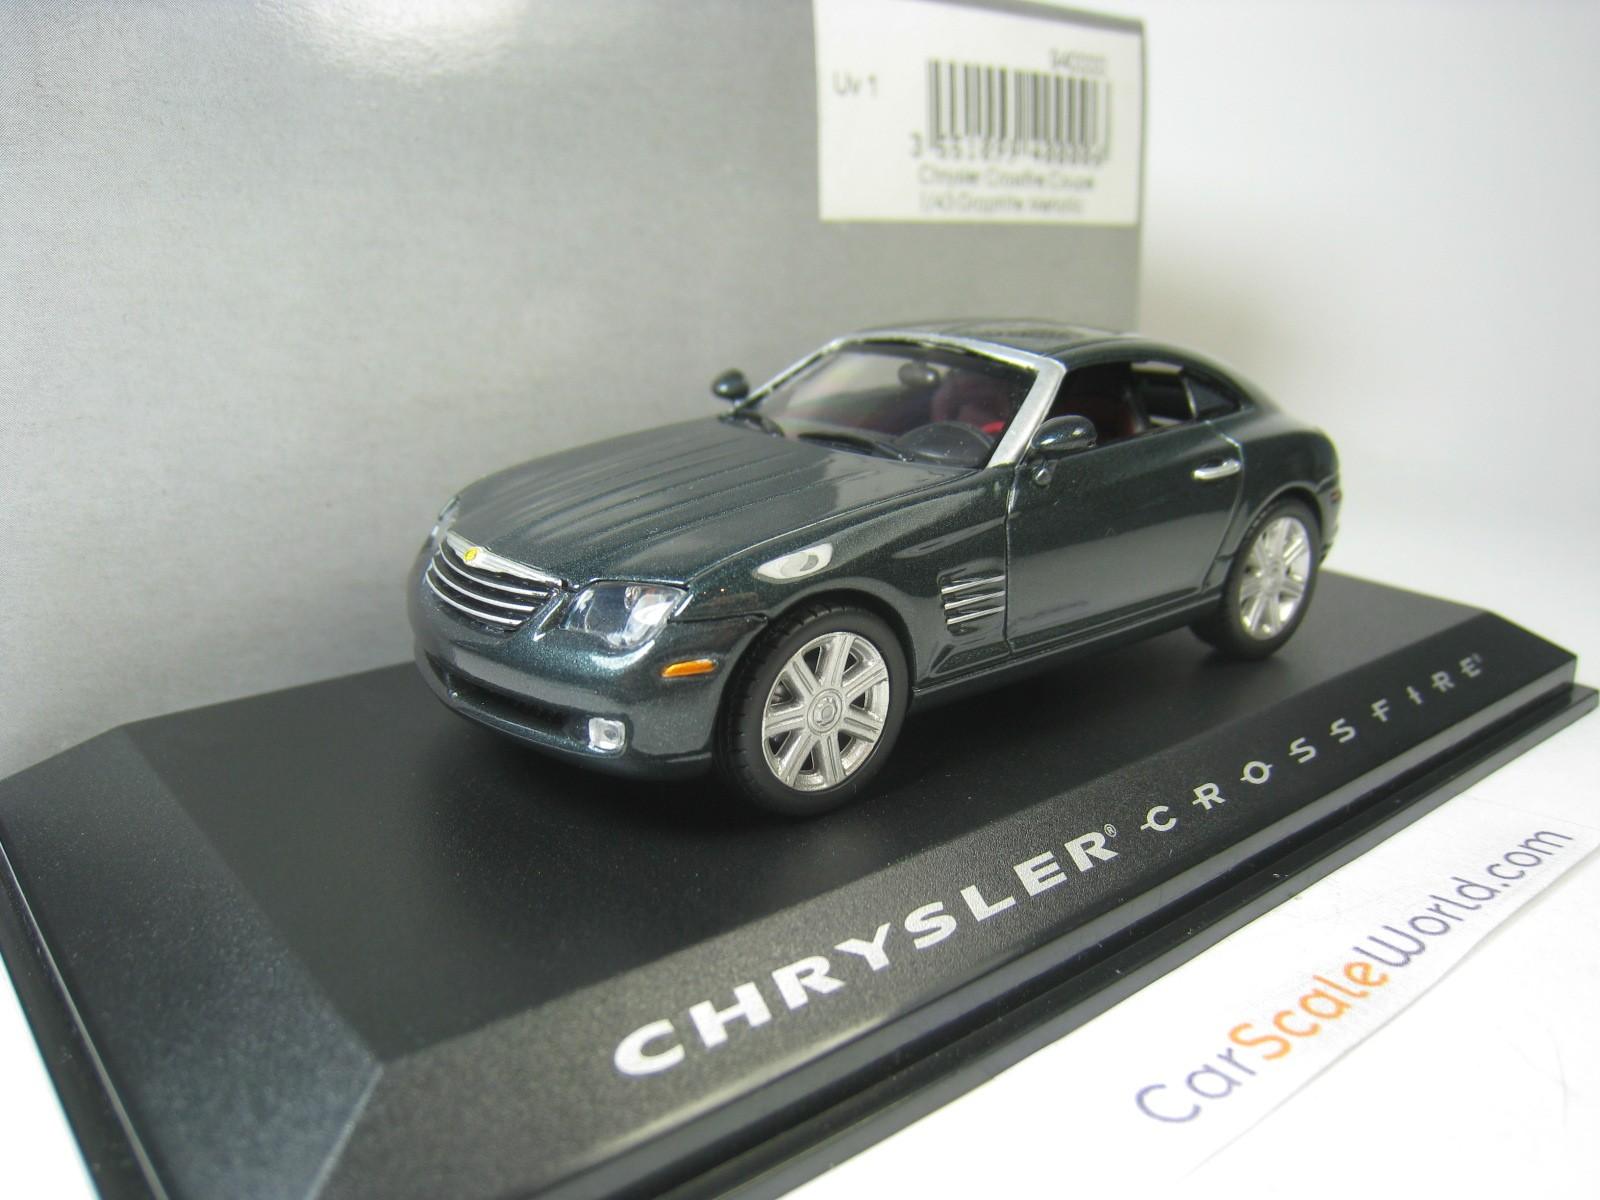 NOREV 1:43 silber-Metallic Chrysler Crossfire Roadster